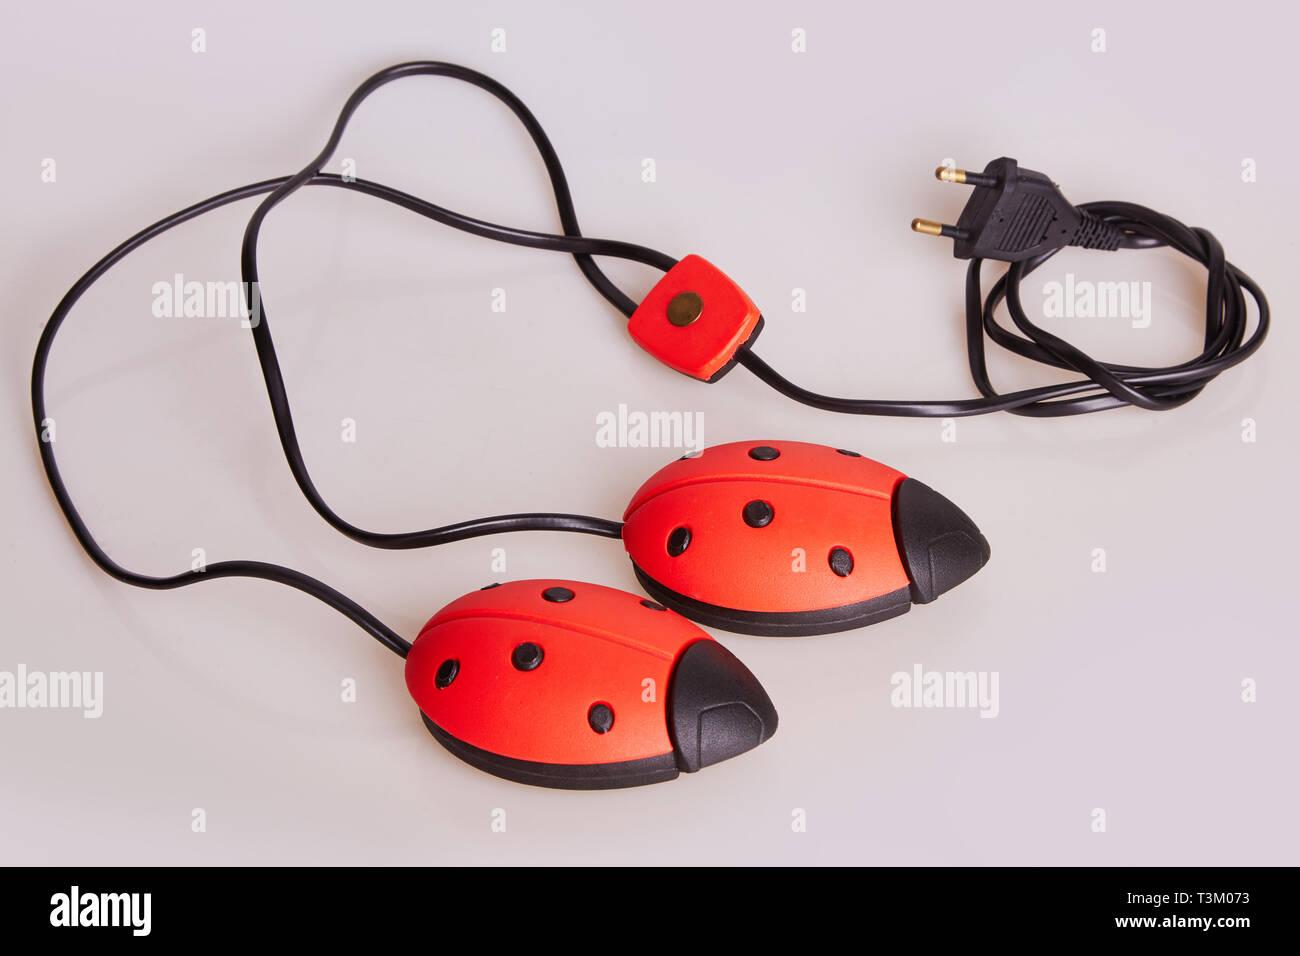 Elektrische uv-schuhtrockner auf weißem Hintergrund. Elektrischer Schuhtrockner in Form von ladybird Stockfoto